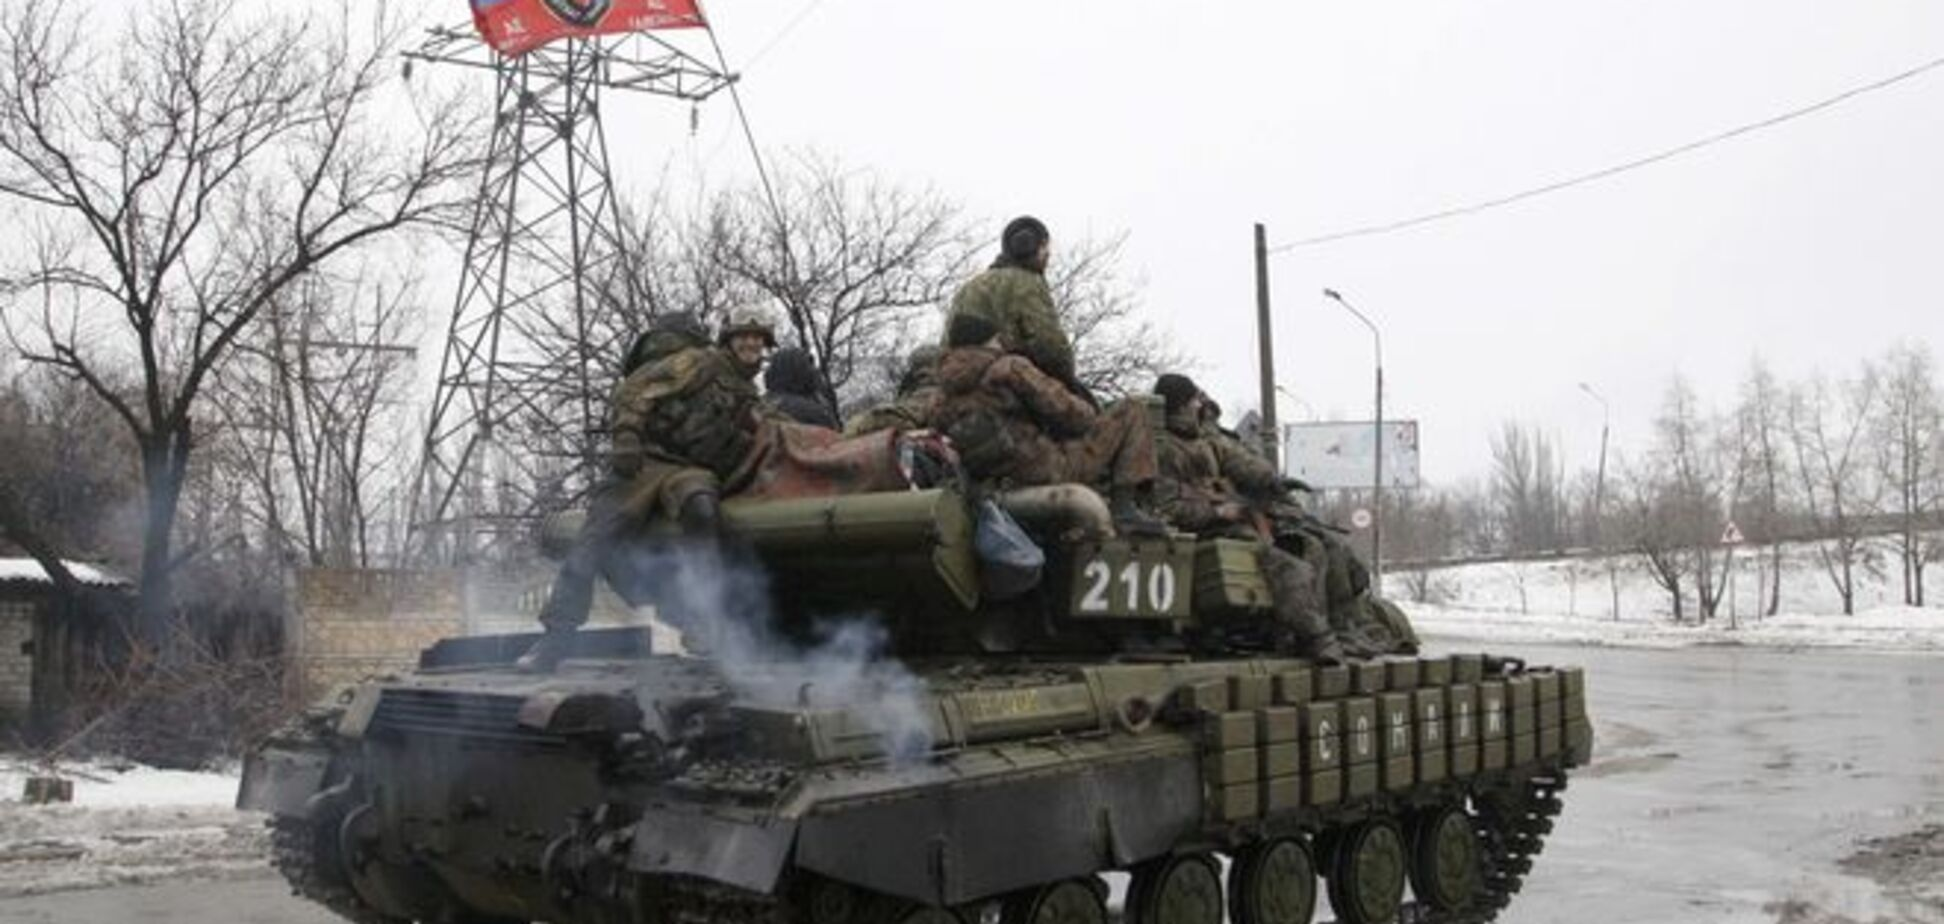 В Дебальцево уже прибыл первый железнодорожный эшелон с оружием из России - ИС